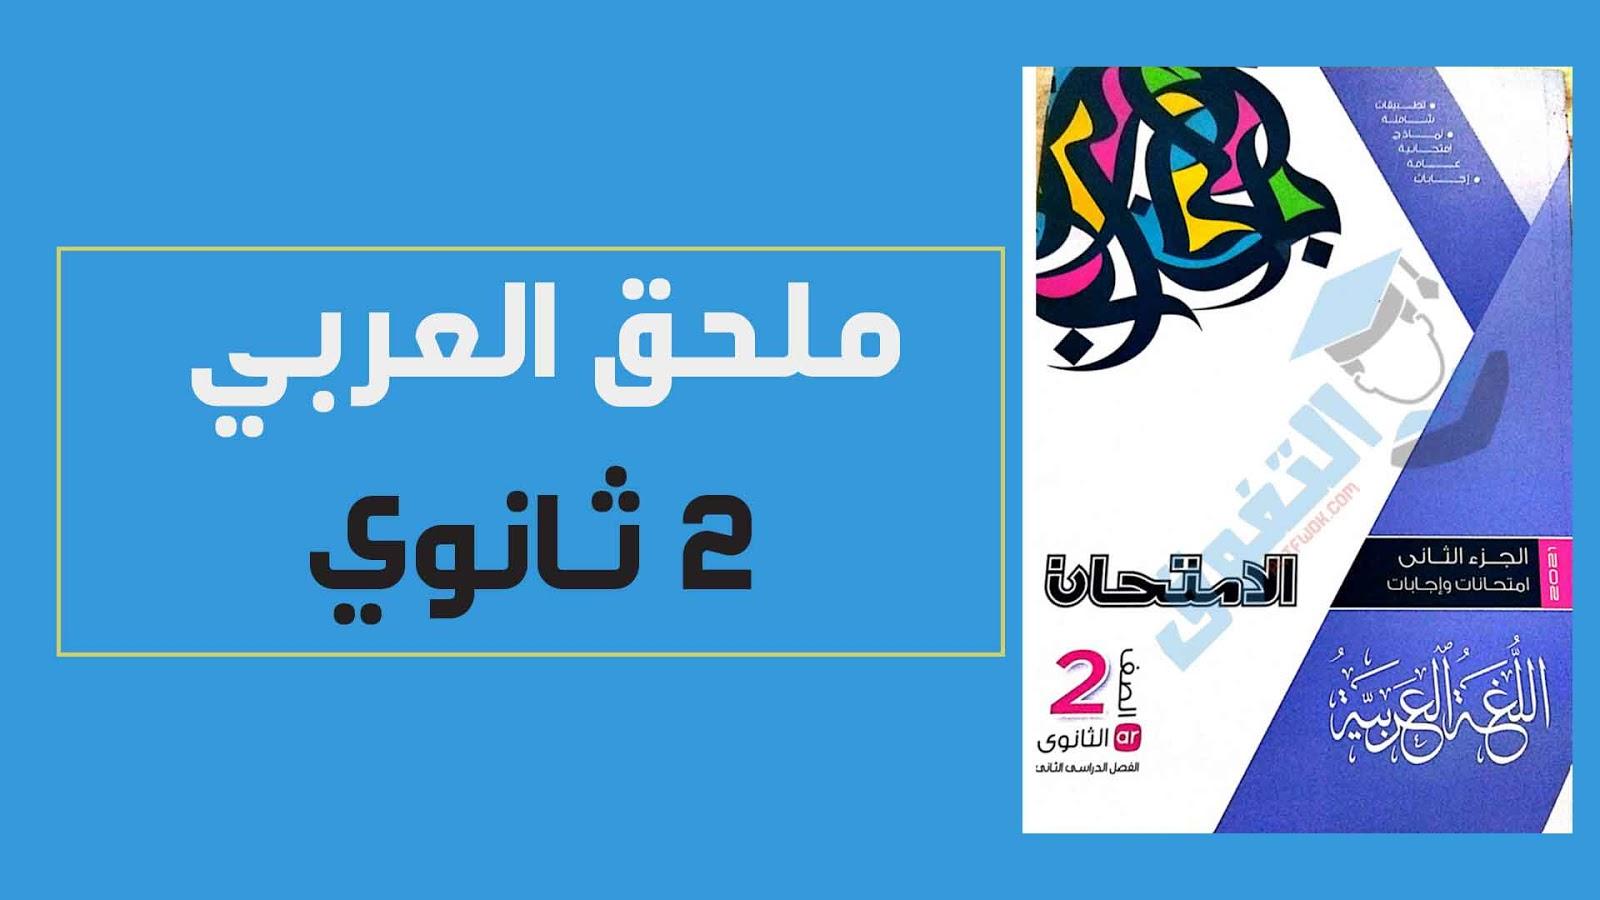 تحميل كتاب الامتحان فى اللغة العربية للصف الثانى الثانوى الترم الثانى 2021 pdf (الجزء الثانى:كتاب الامتحانات والاسئلة)